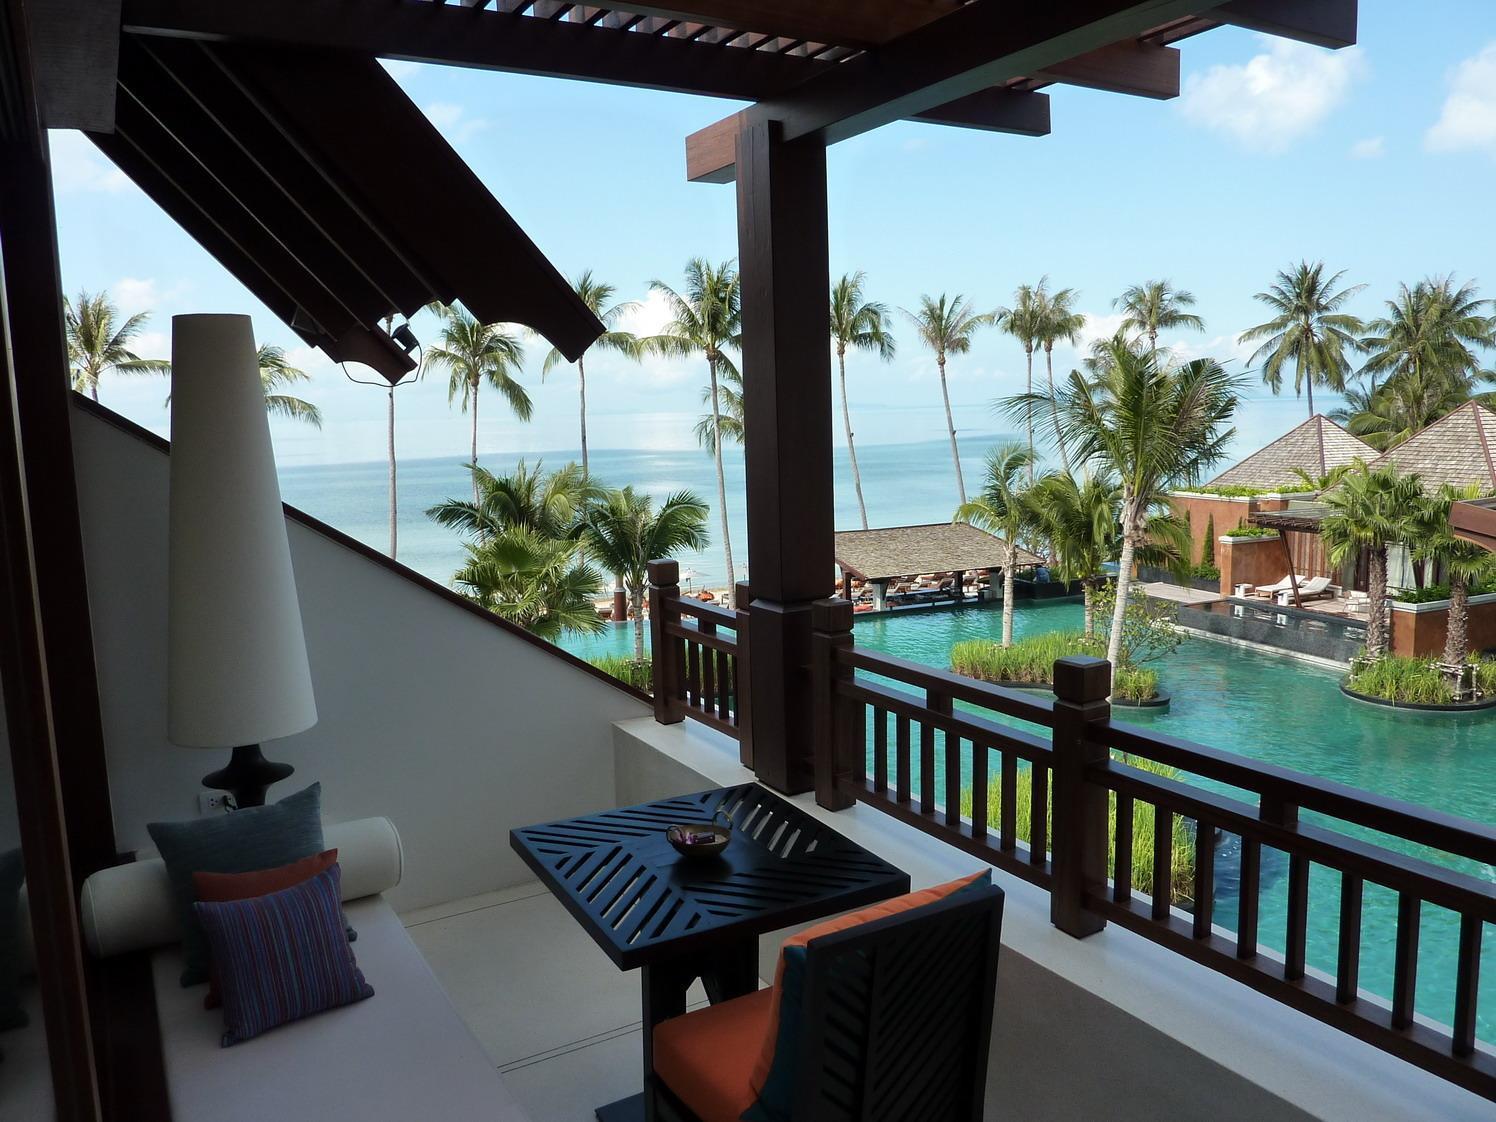 MAI Samui Beach Resort & Spa Samui Map